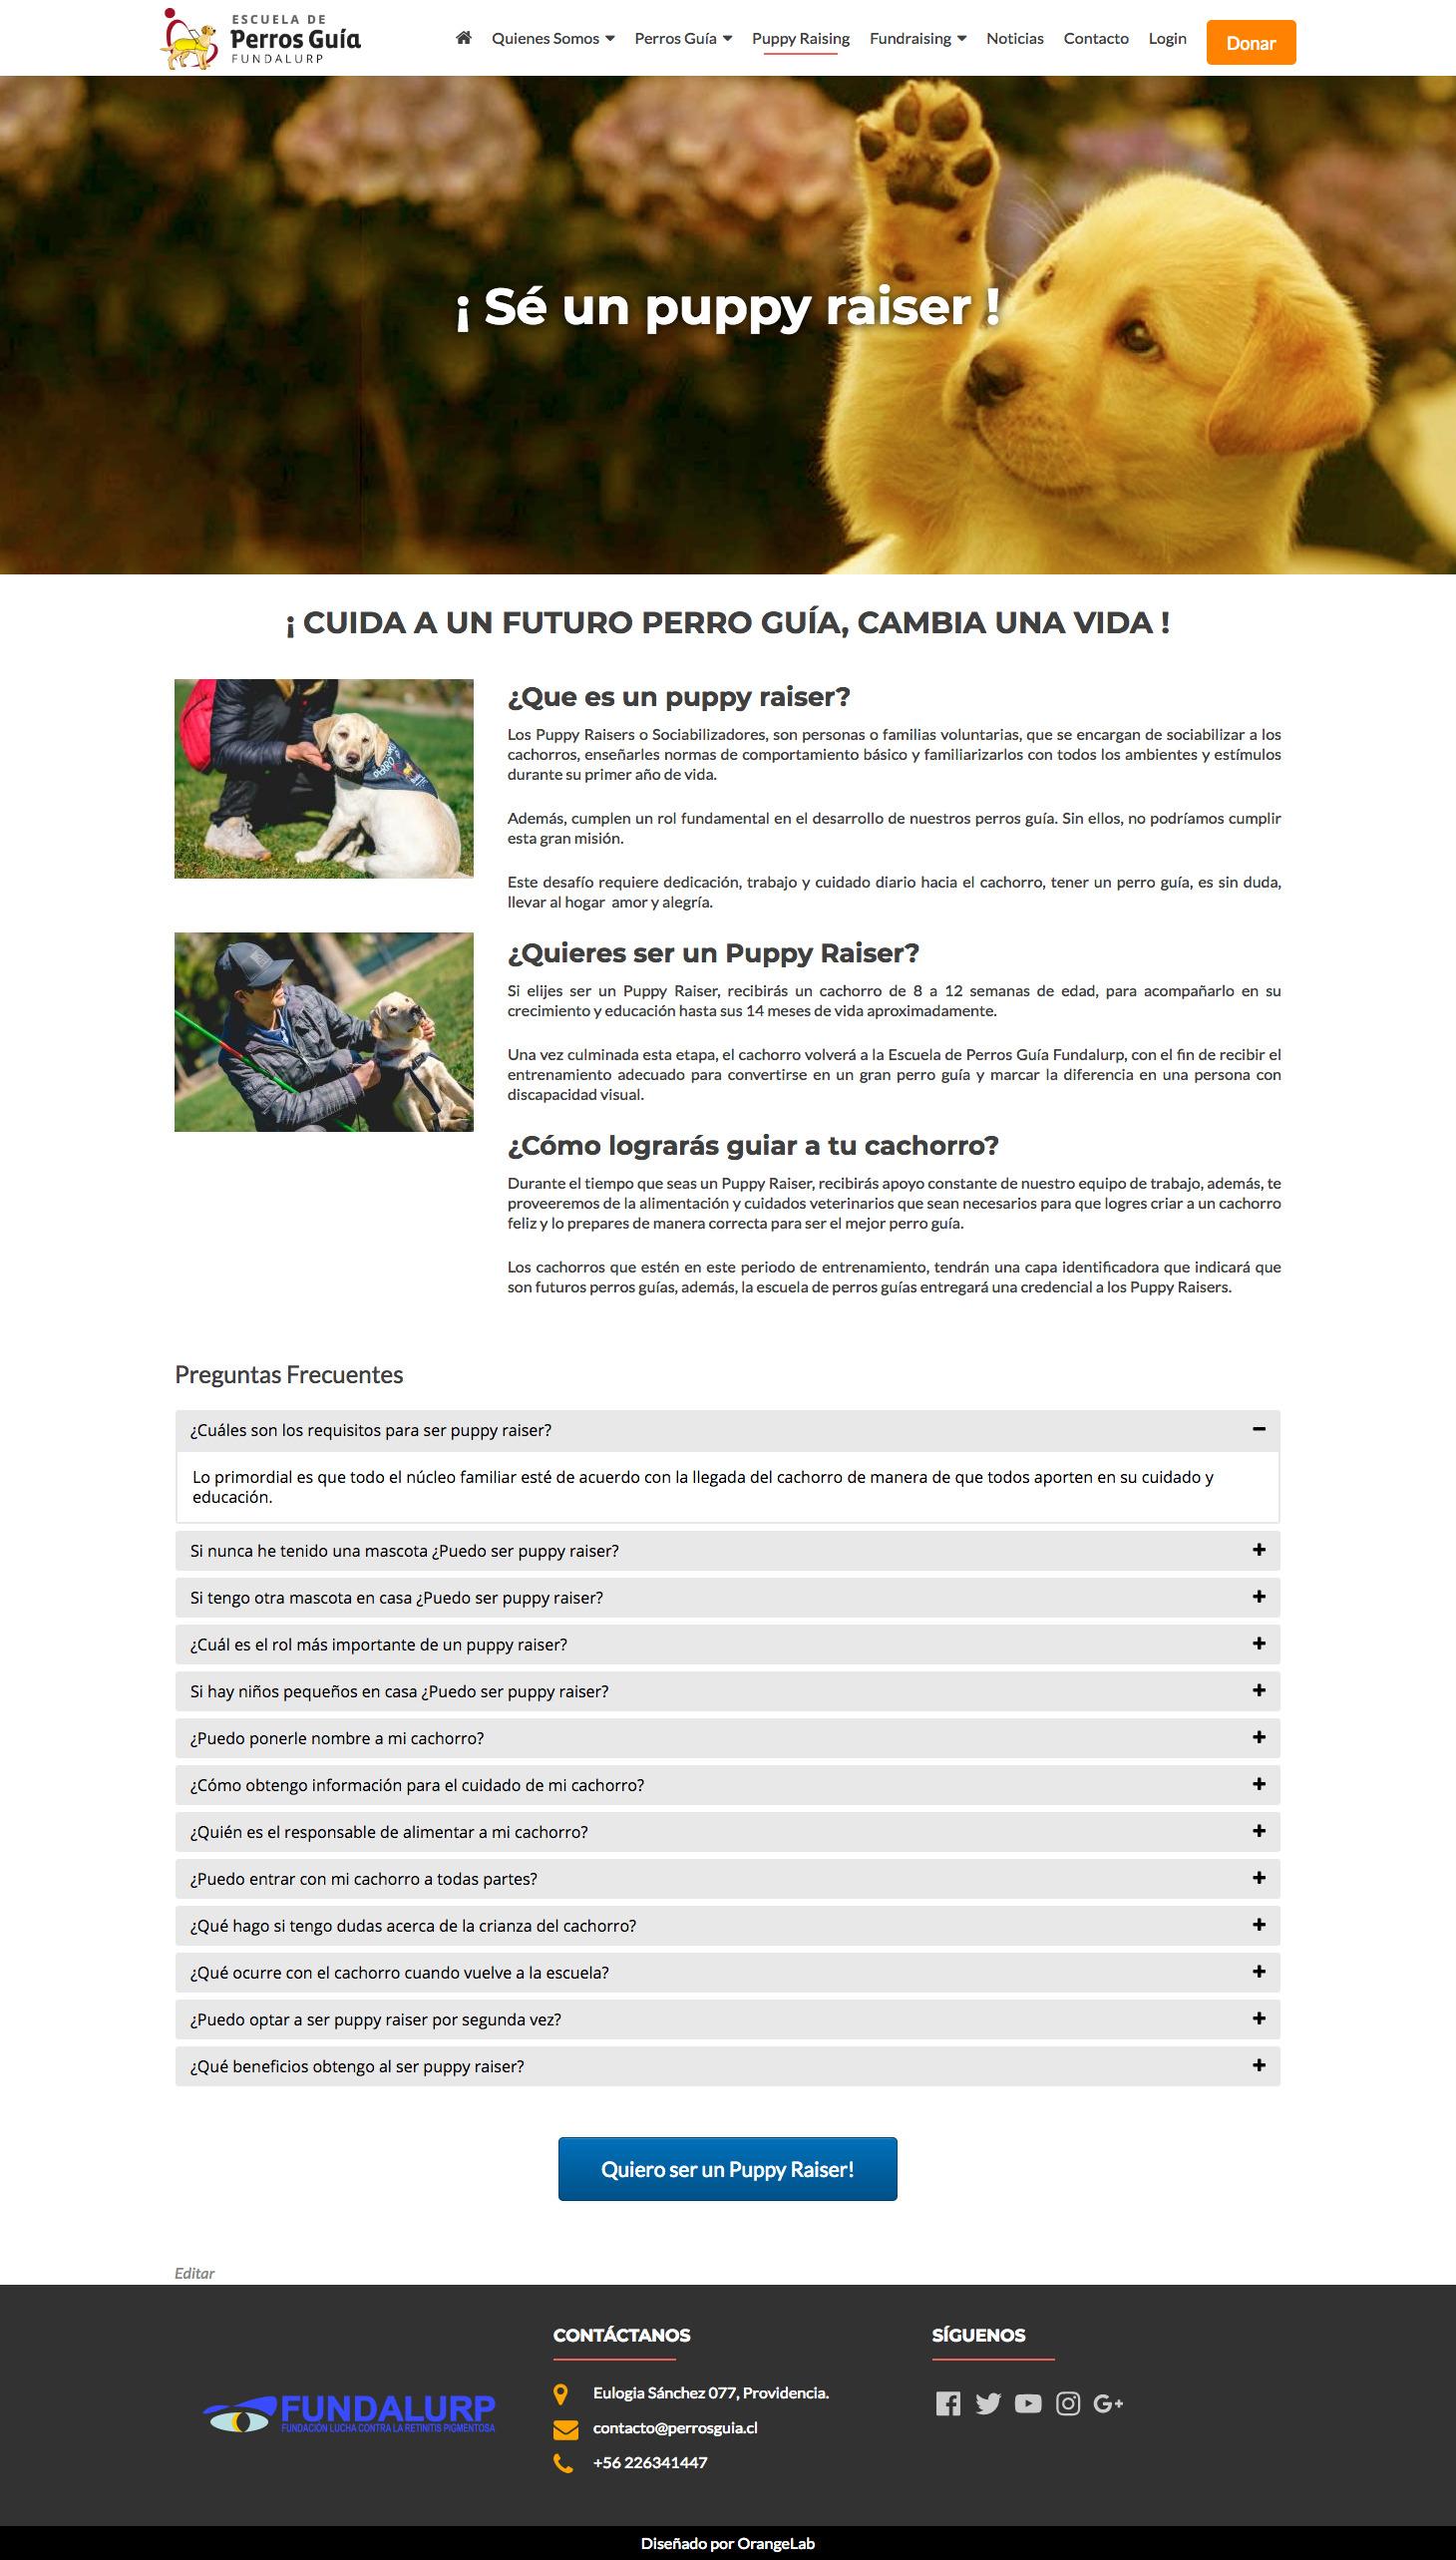 Screenshot_2018-07-15 Puppy Raising - Escuela de Perros Guía Fundalurp